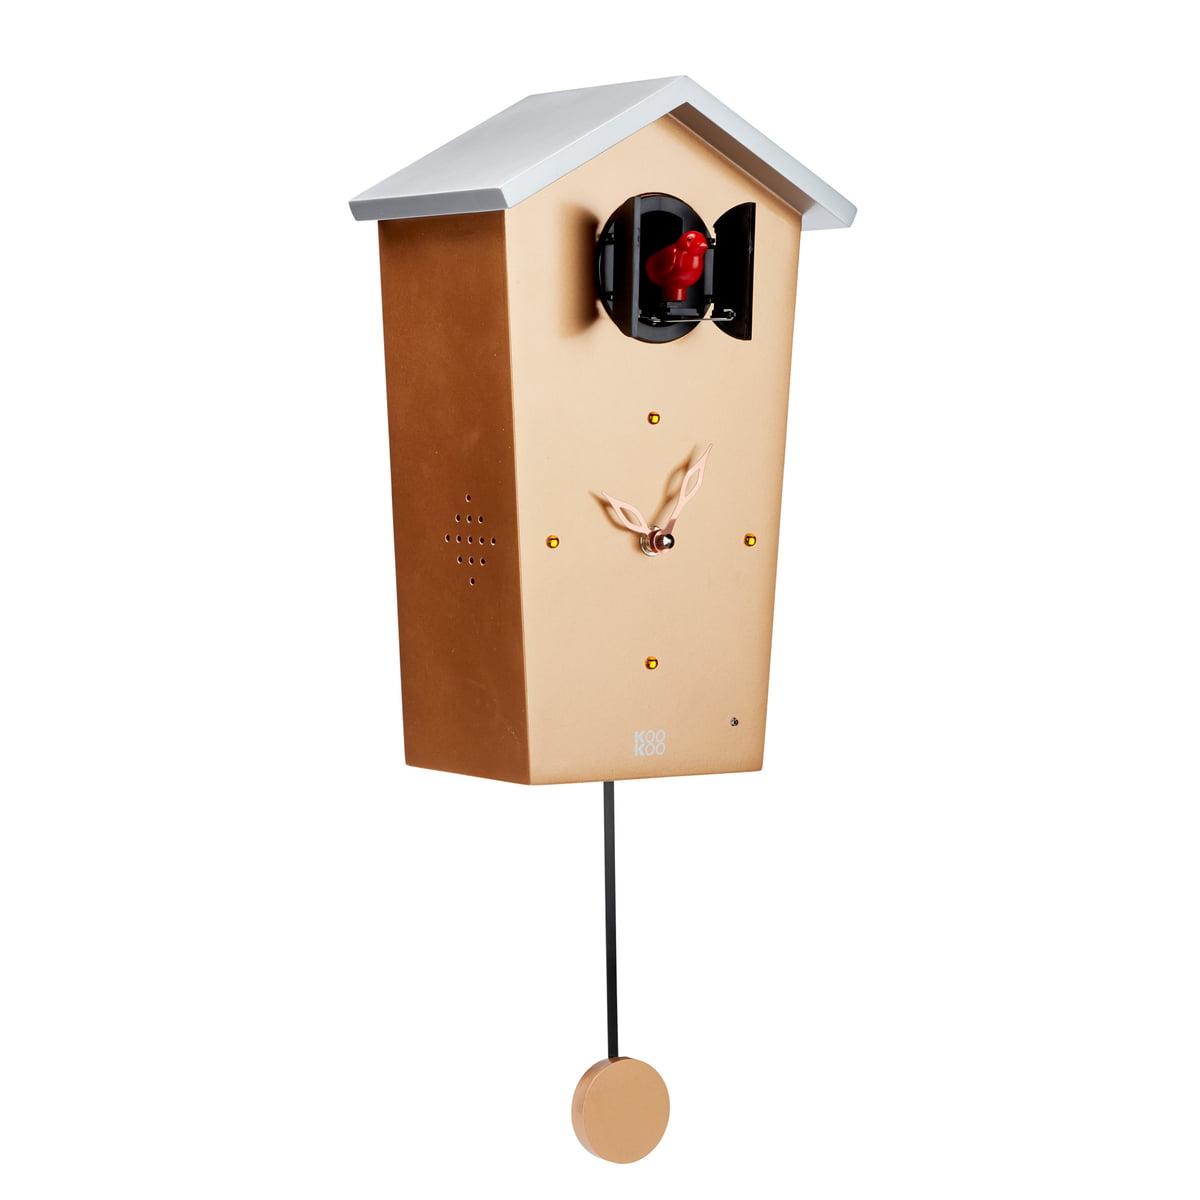 kookoo bird house kuckucksuhr gold limited edition gold h 27 b 17 online kaufen bei woonio. Black Bedroom Furniture Sets. Home Design Ideas